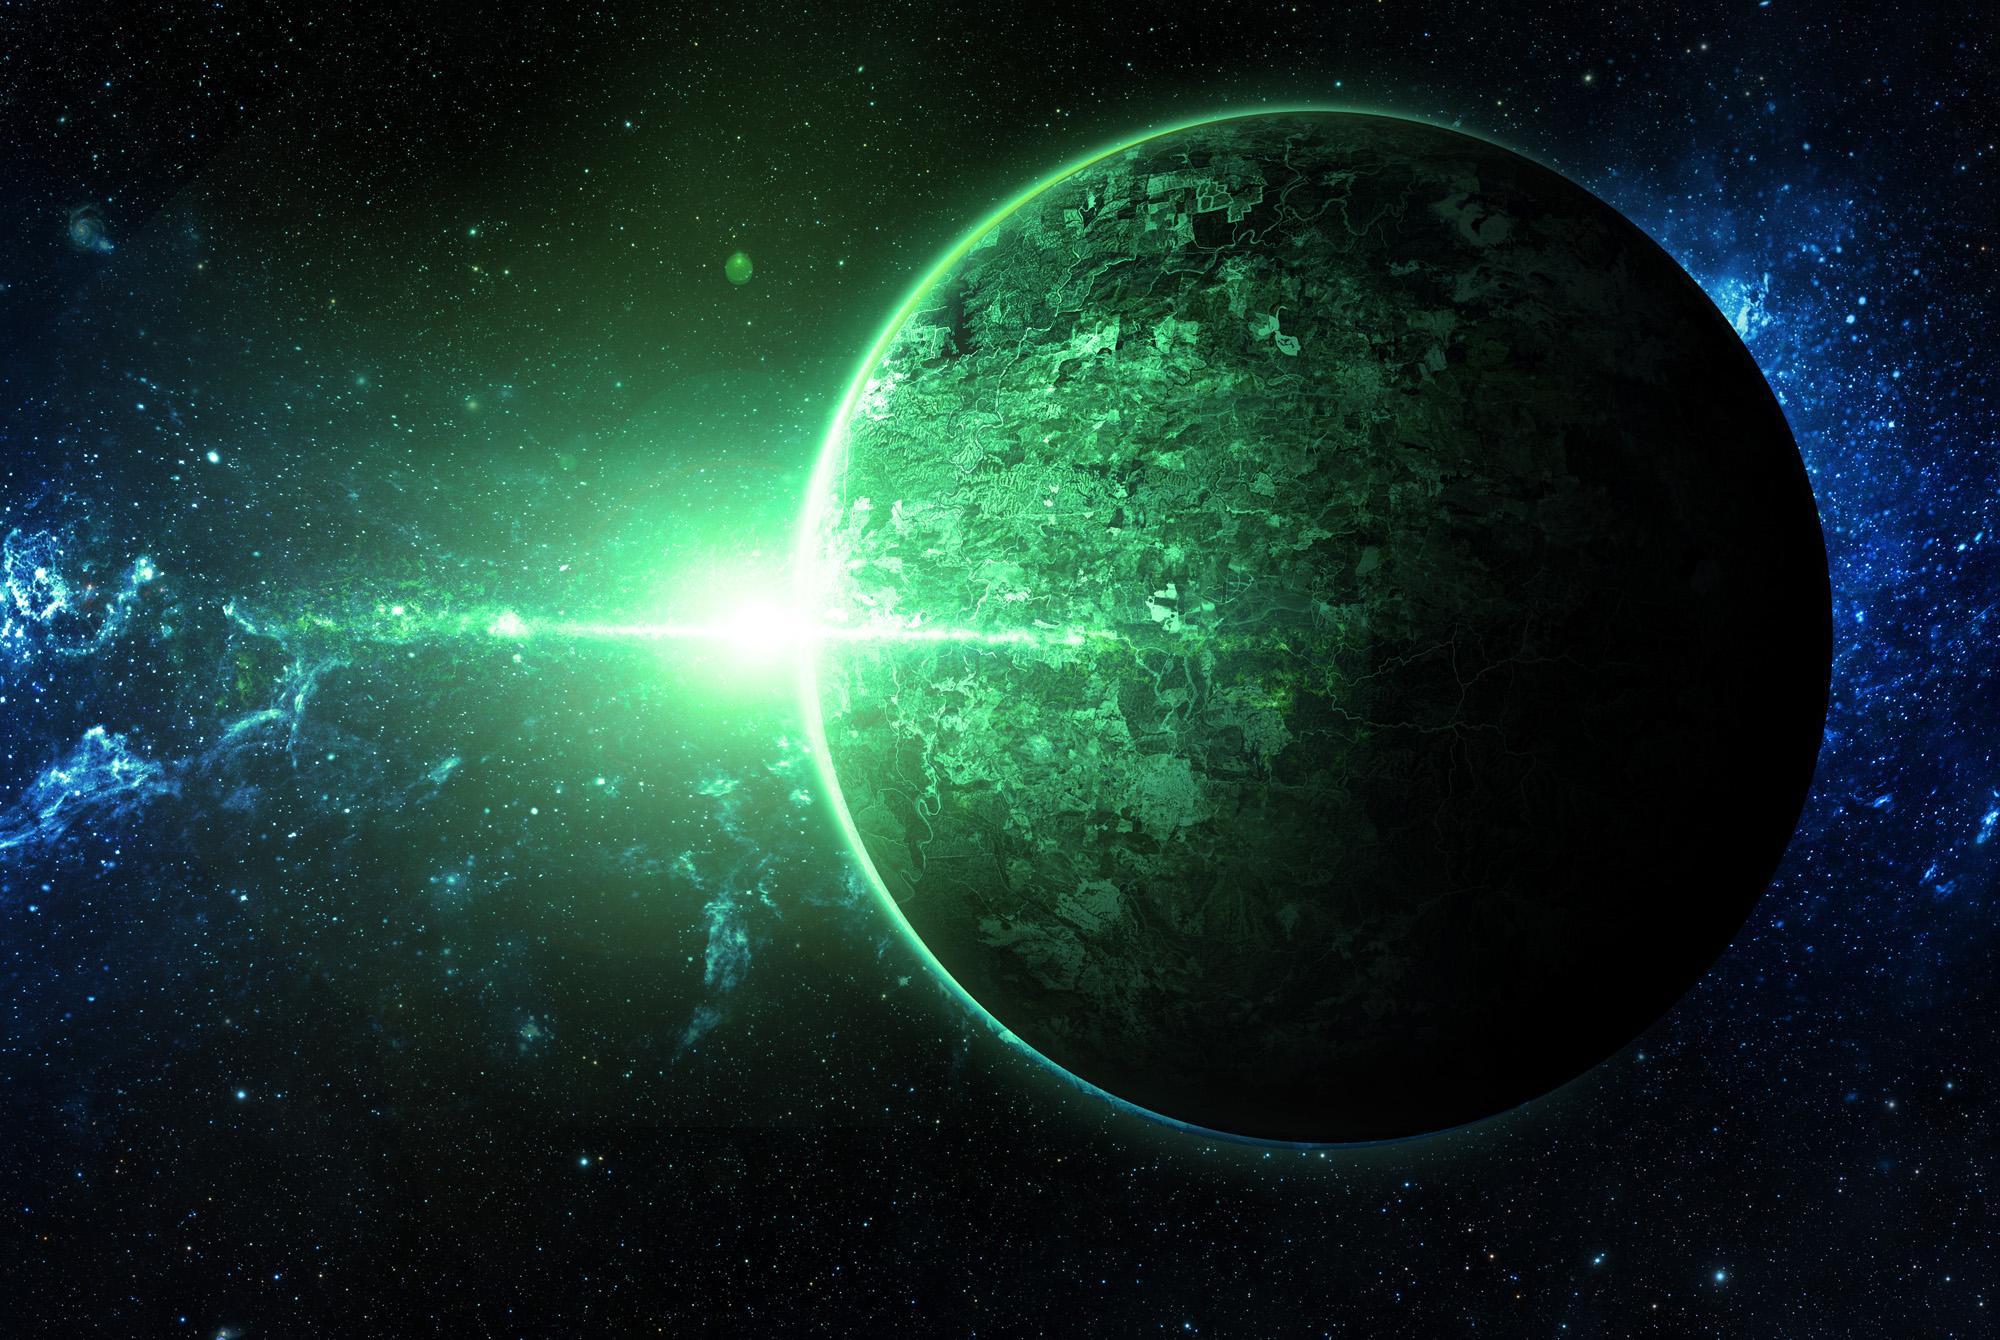 Images of Uranus | 2000x1340